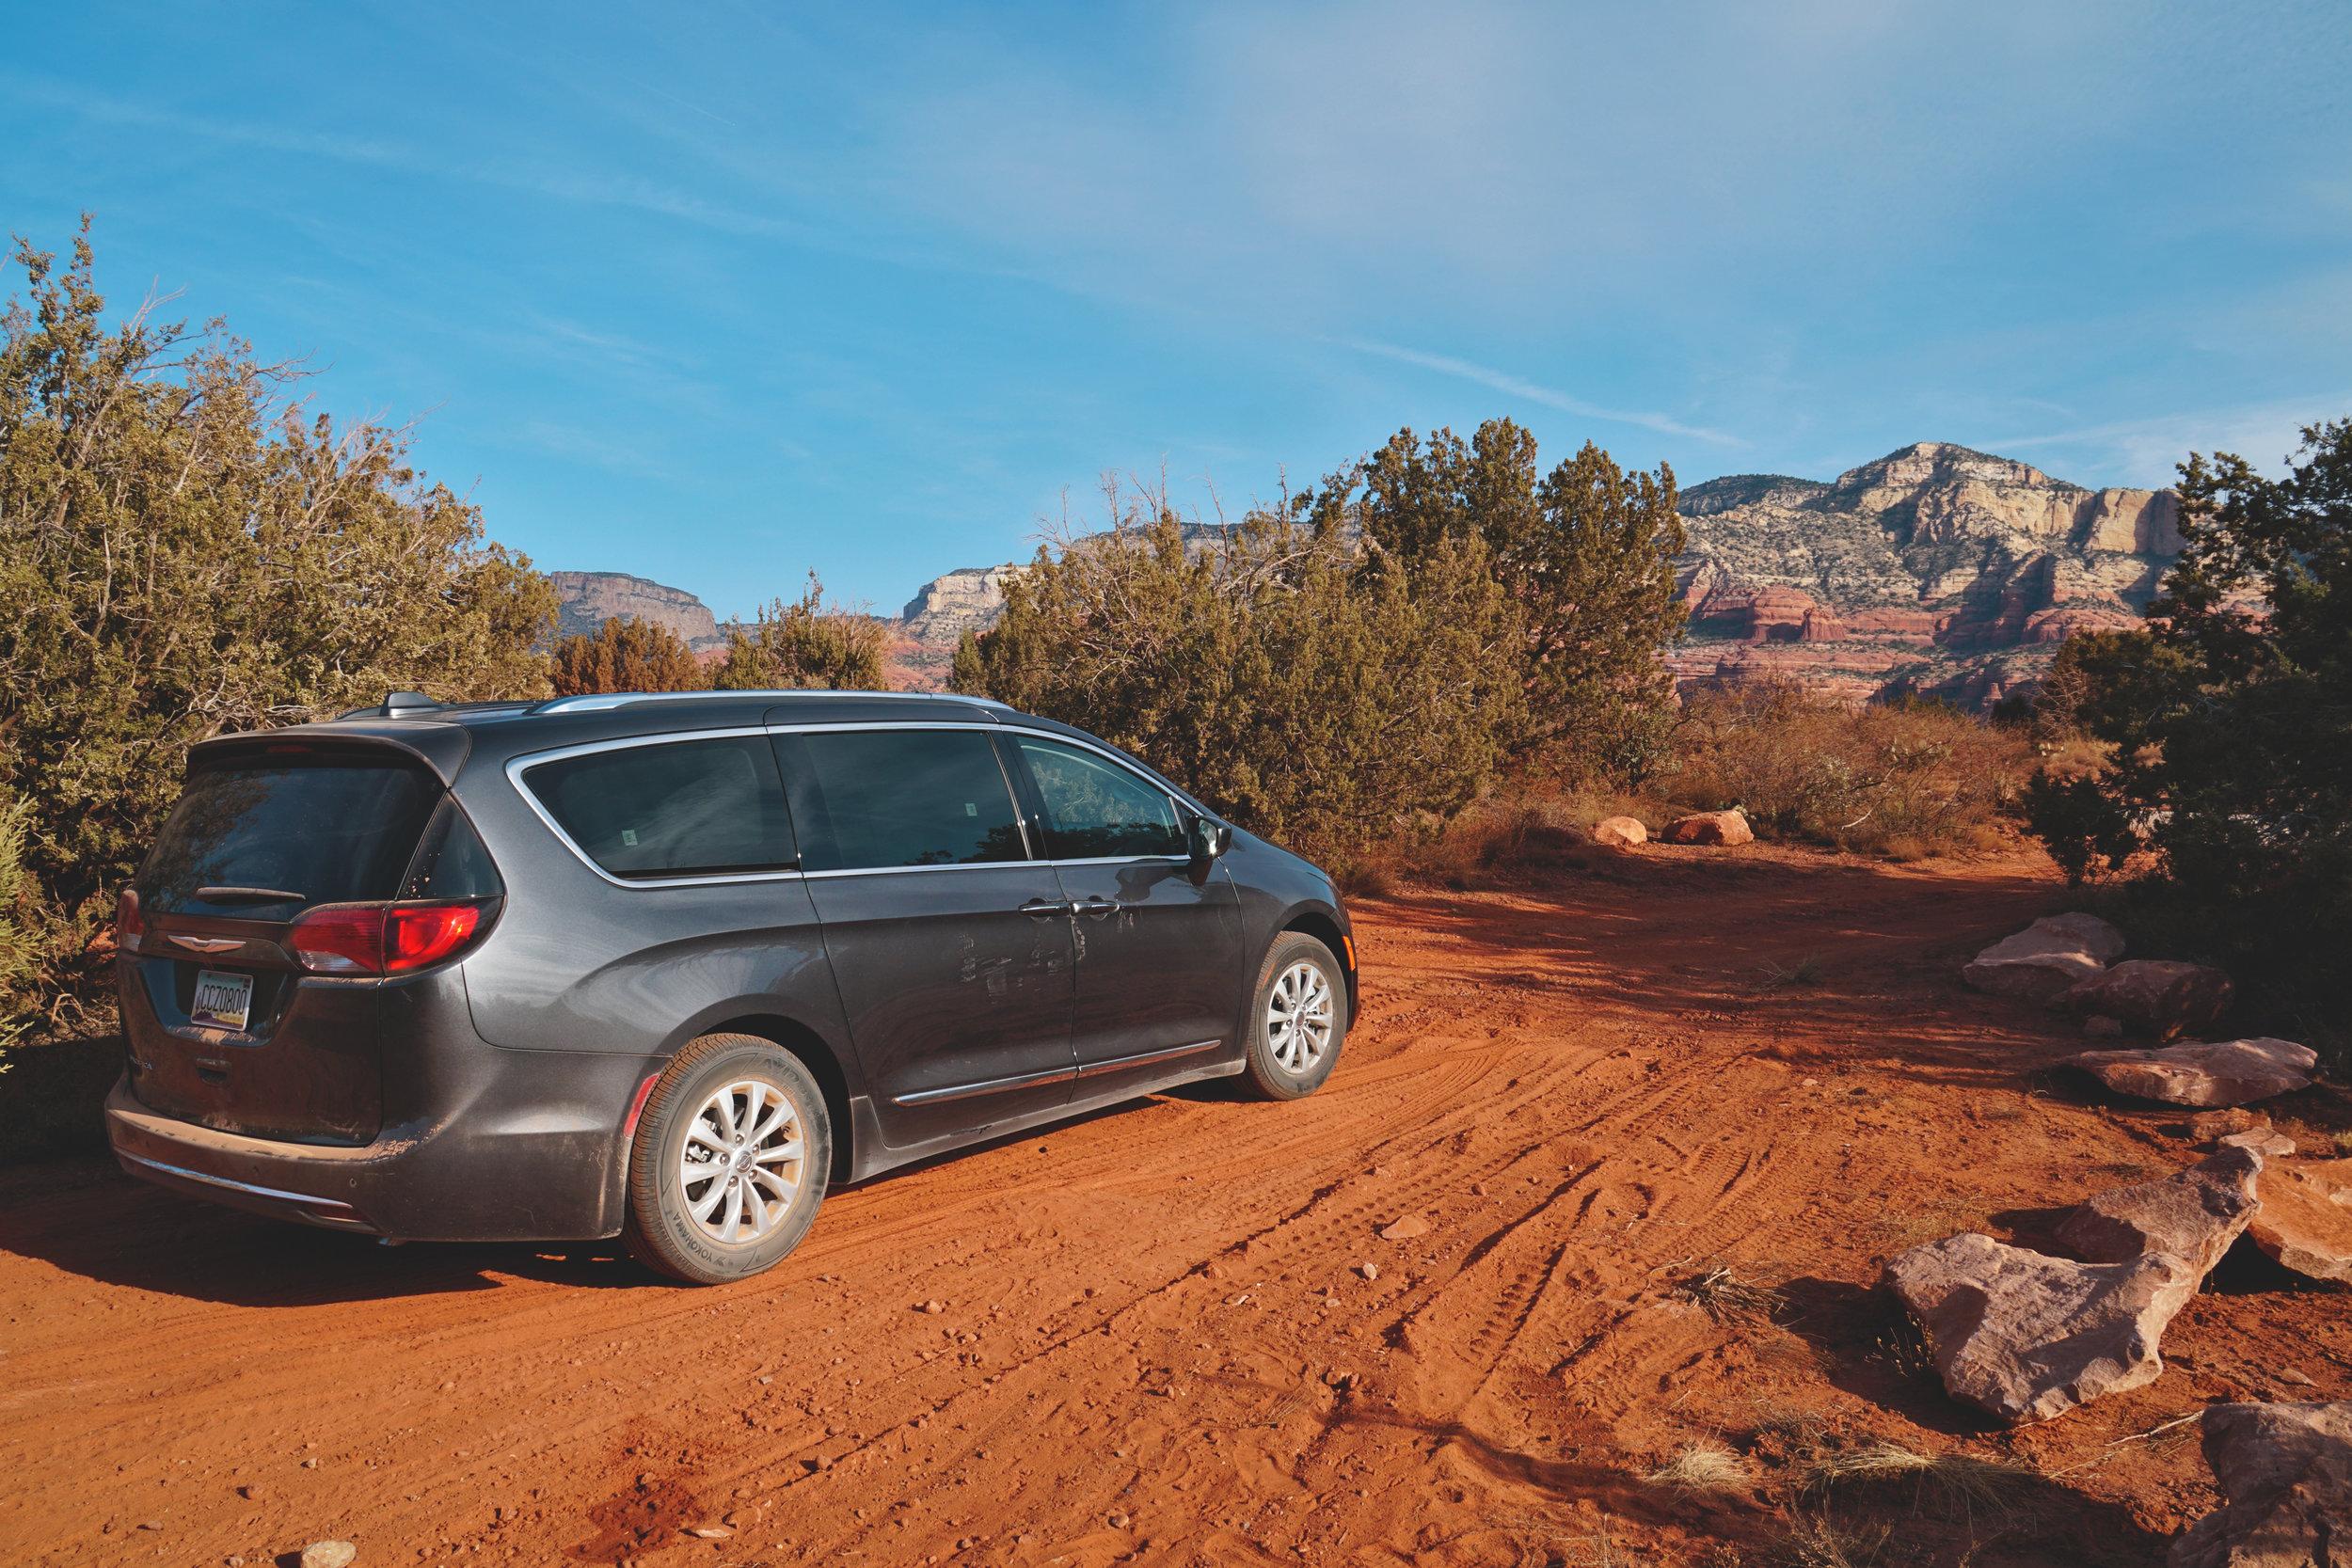 Sedona Arizona Free Camping Rental Van Public Land